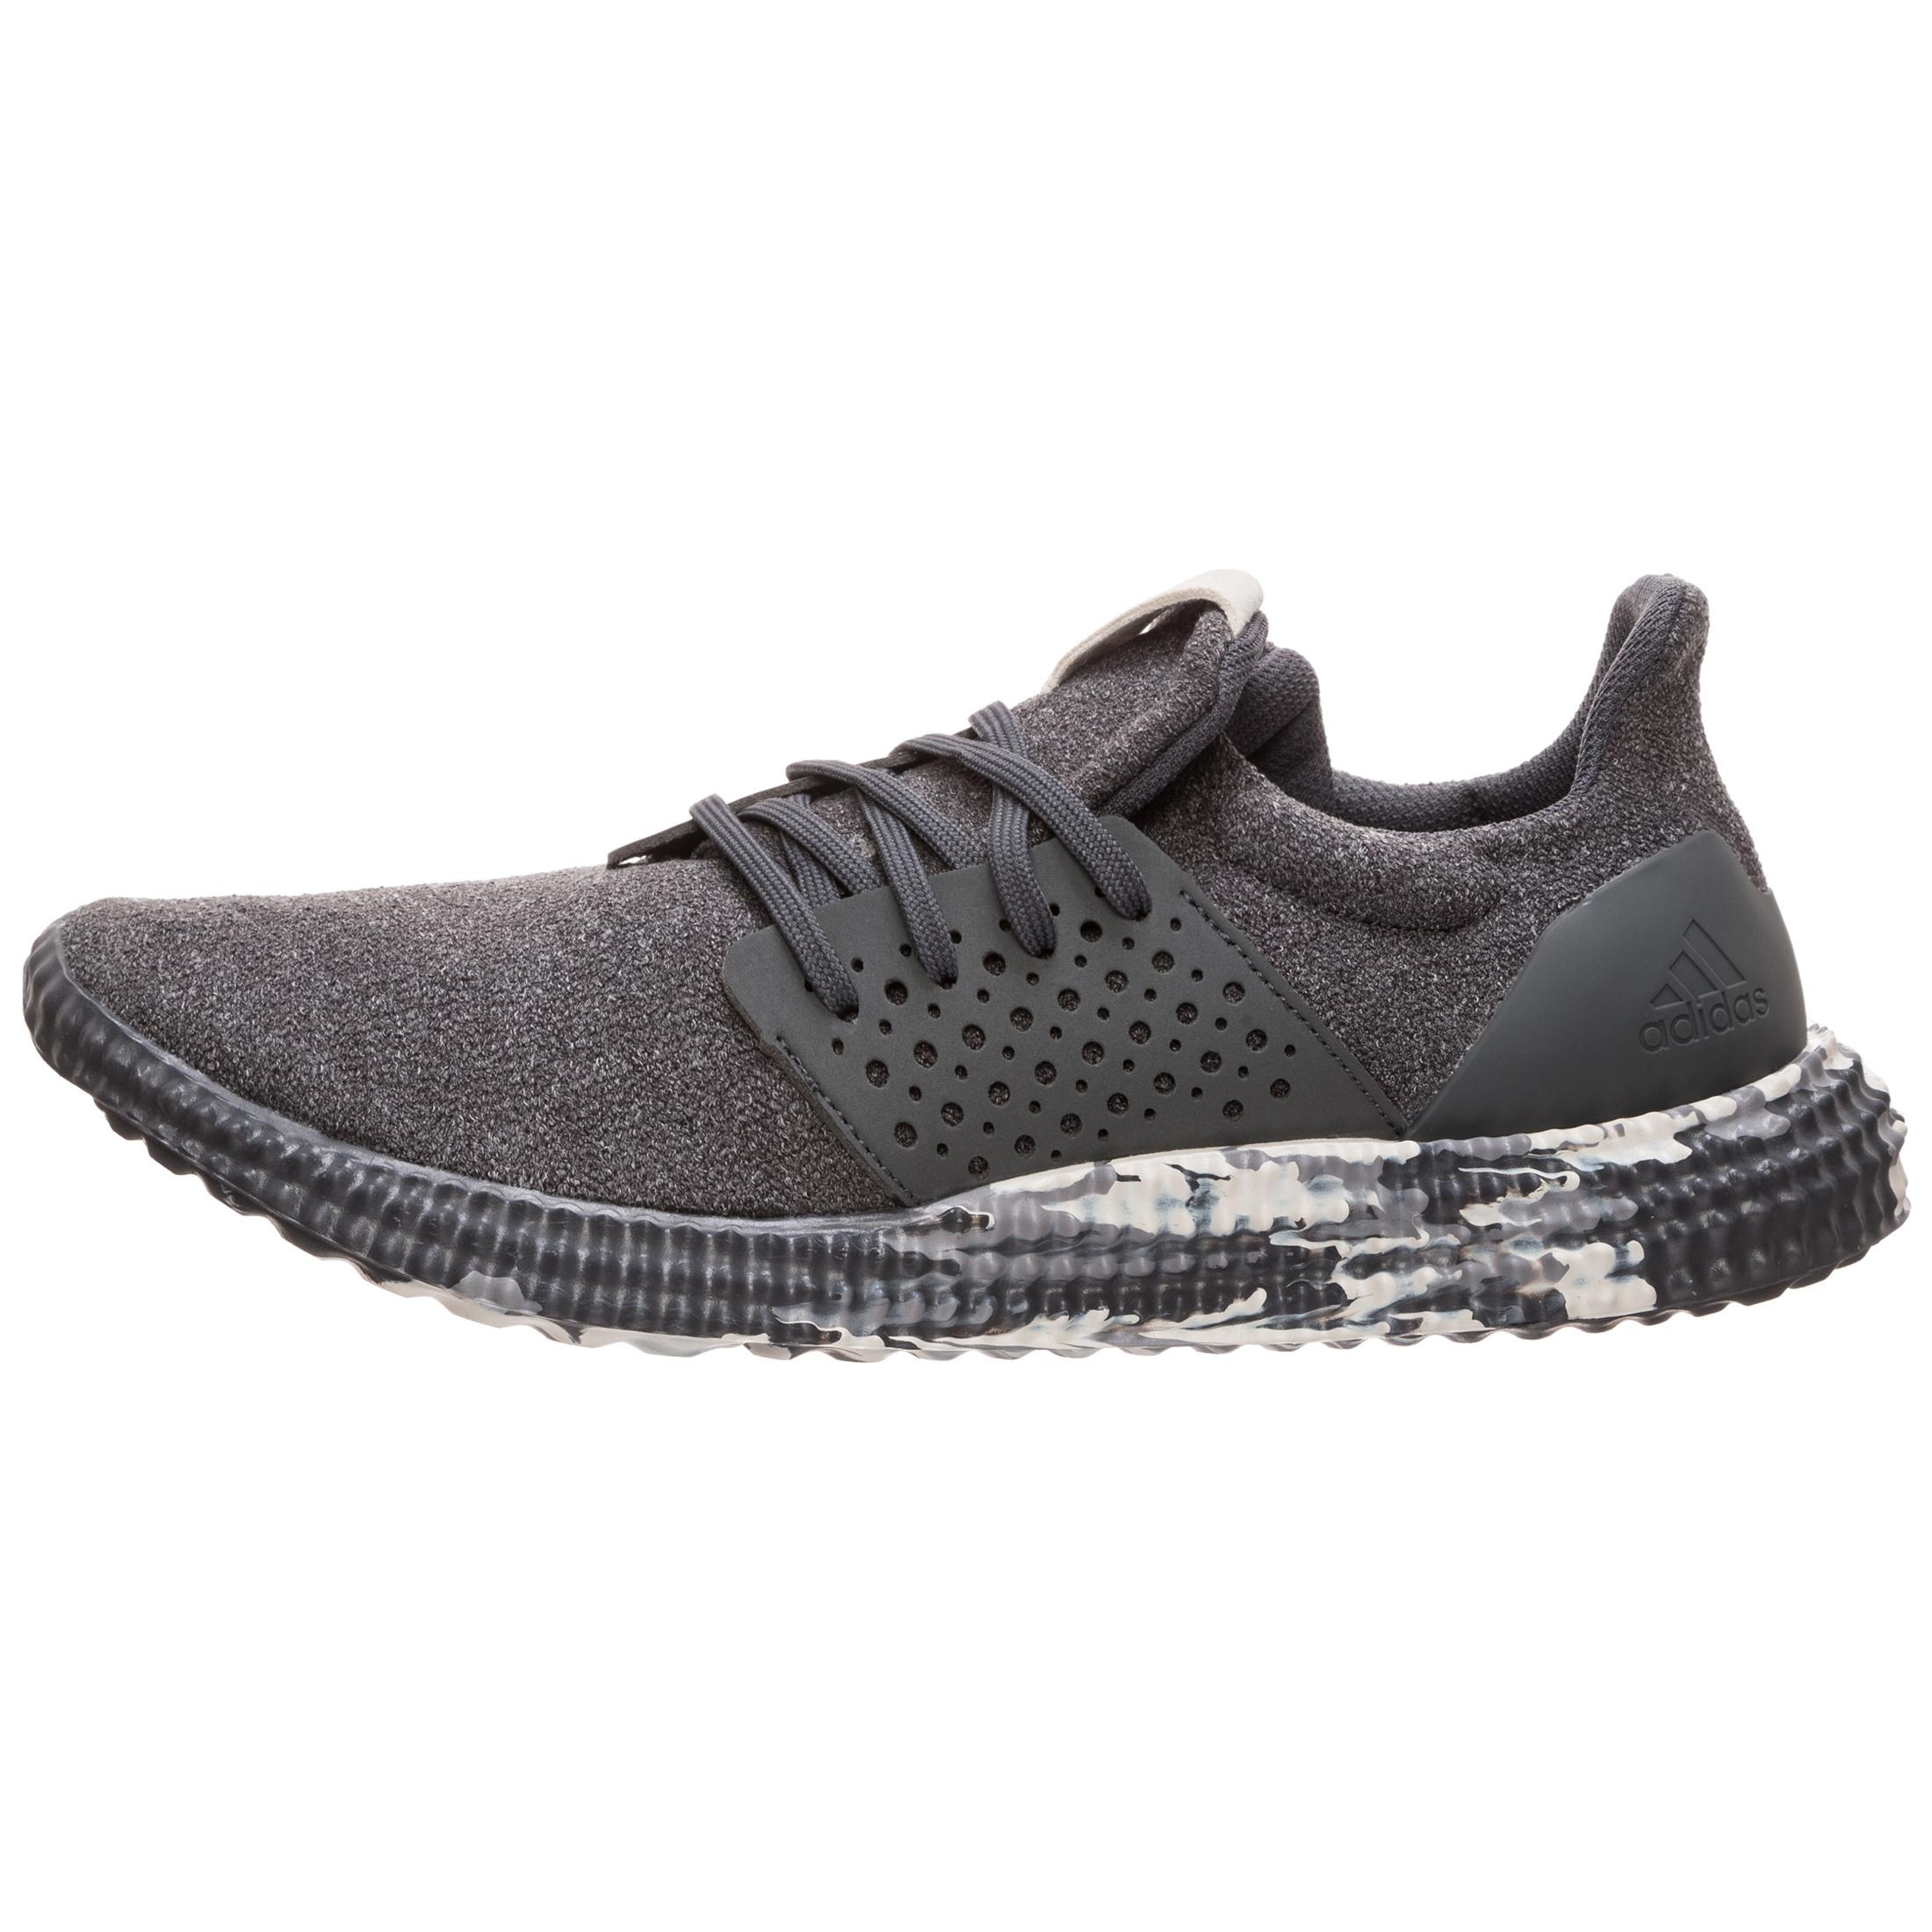 Adidas Adidas Adidas Athletics 24 7 Fitnessschuhe Herren grau   weiß im Online Shop von SportScheck kaufen Gute Qualität beliebte Schuhe 76aa6d